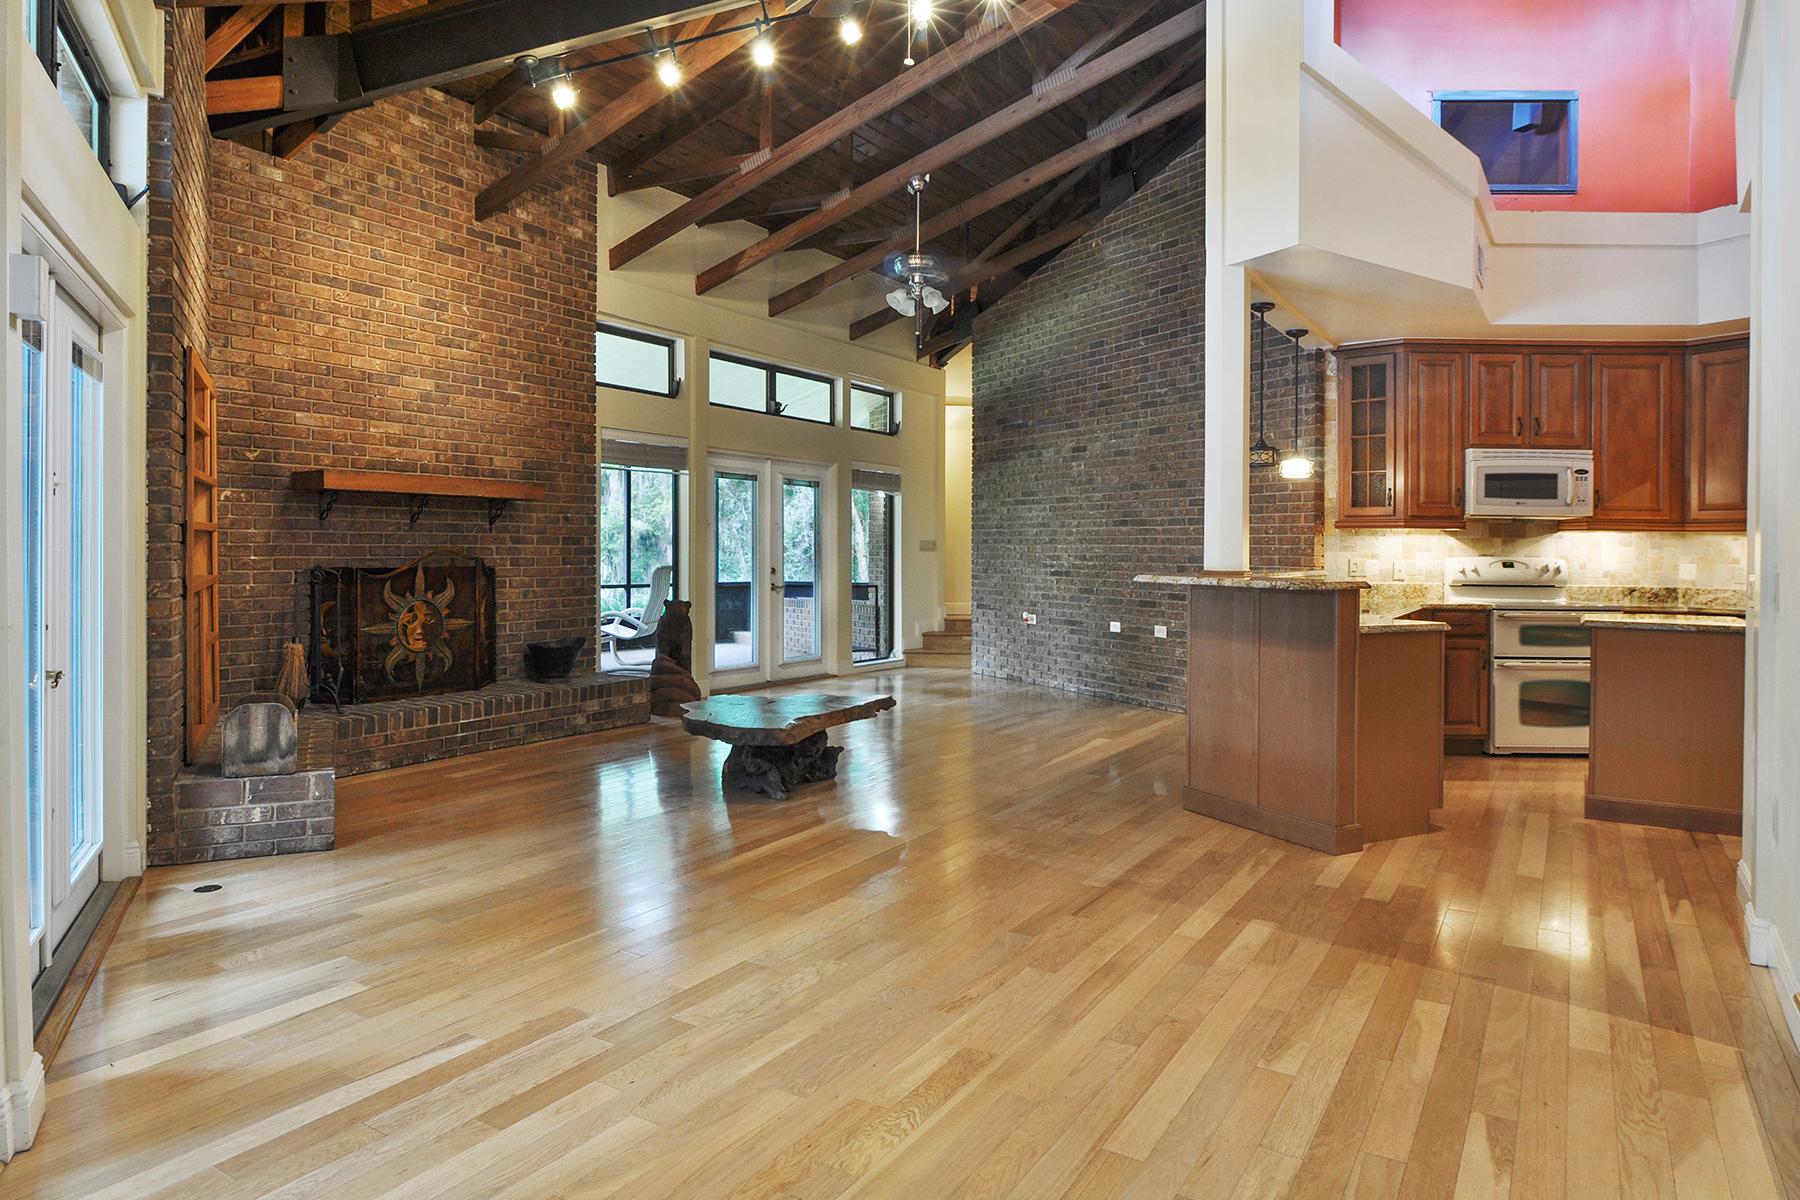 단독 가정 주택 용 매매 에 ORLANDO - SANFORD 120 River Oaks Cir Sanford, 플로리다, 32771 미국